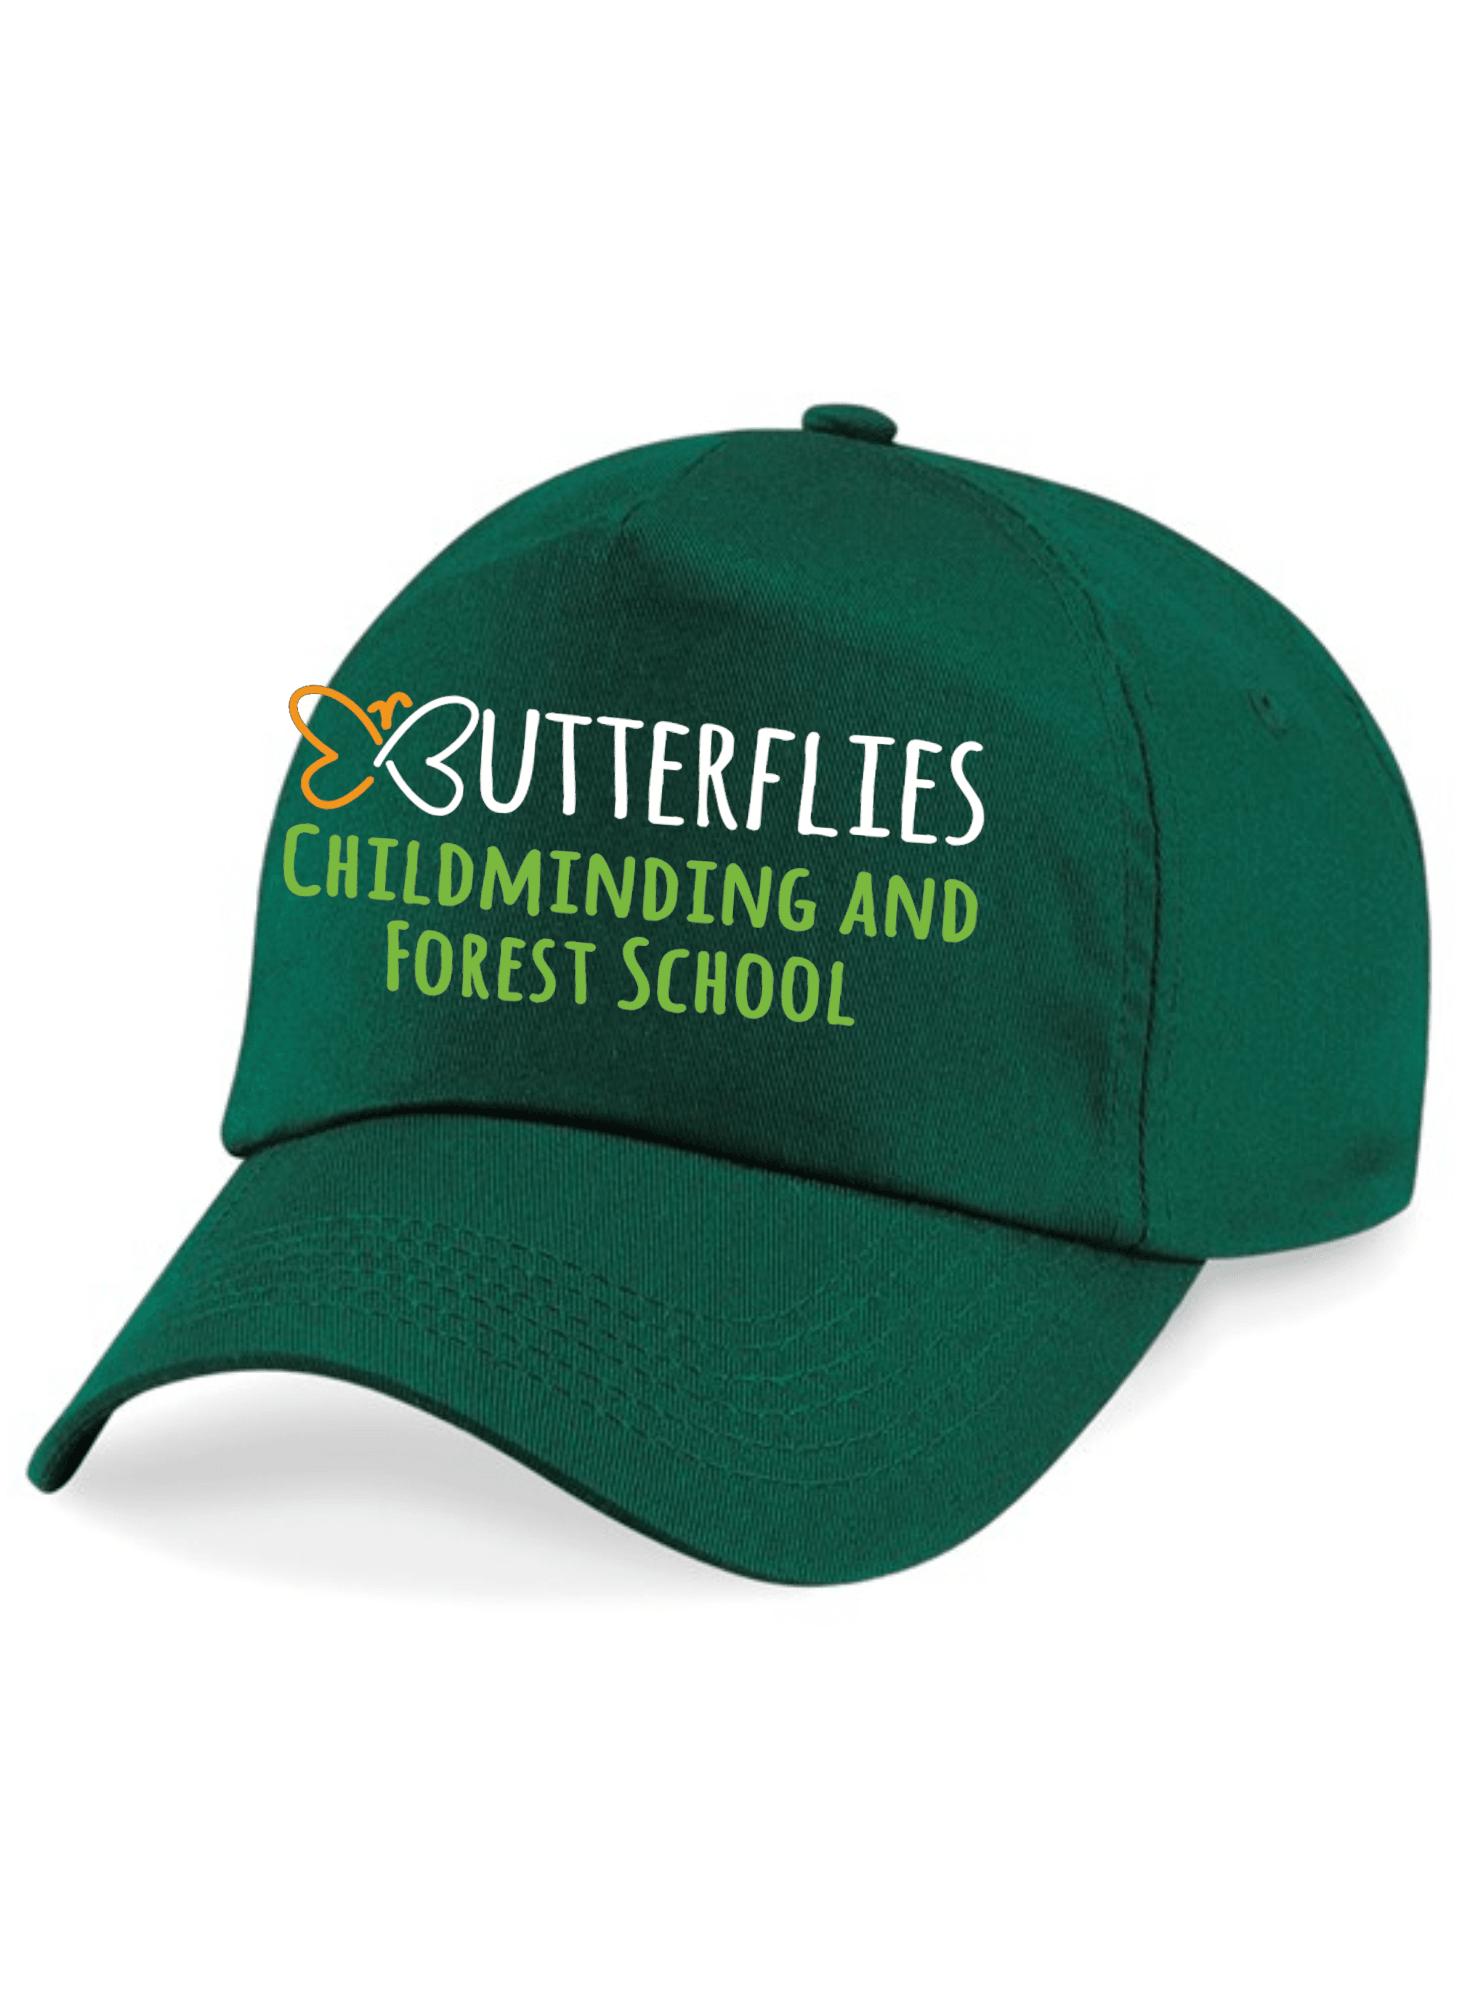 Butterflies- Cap 2yrs+